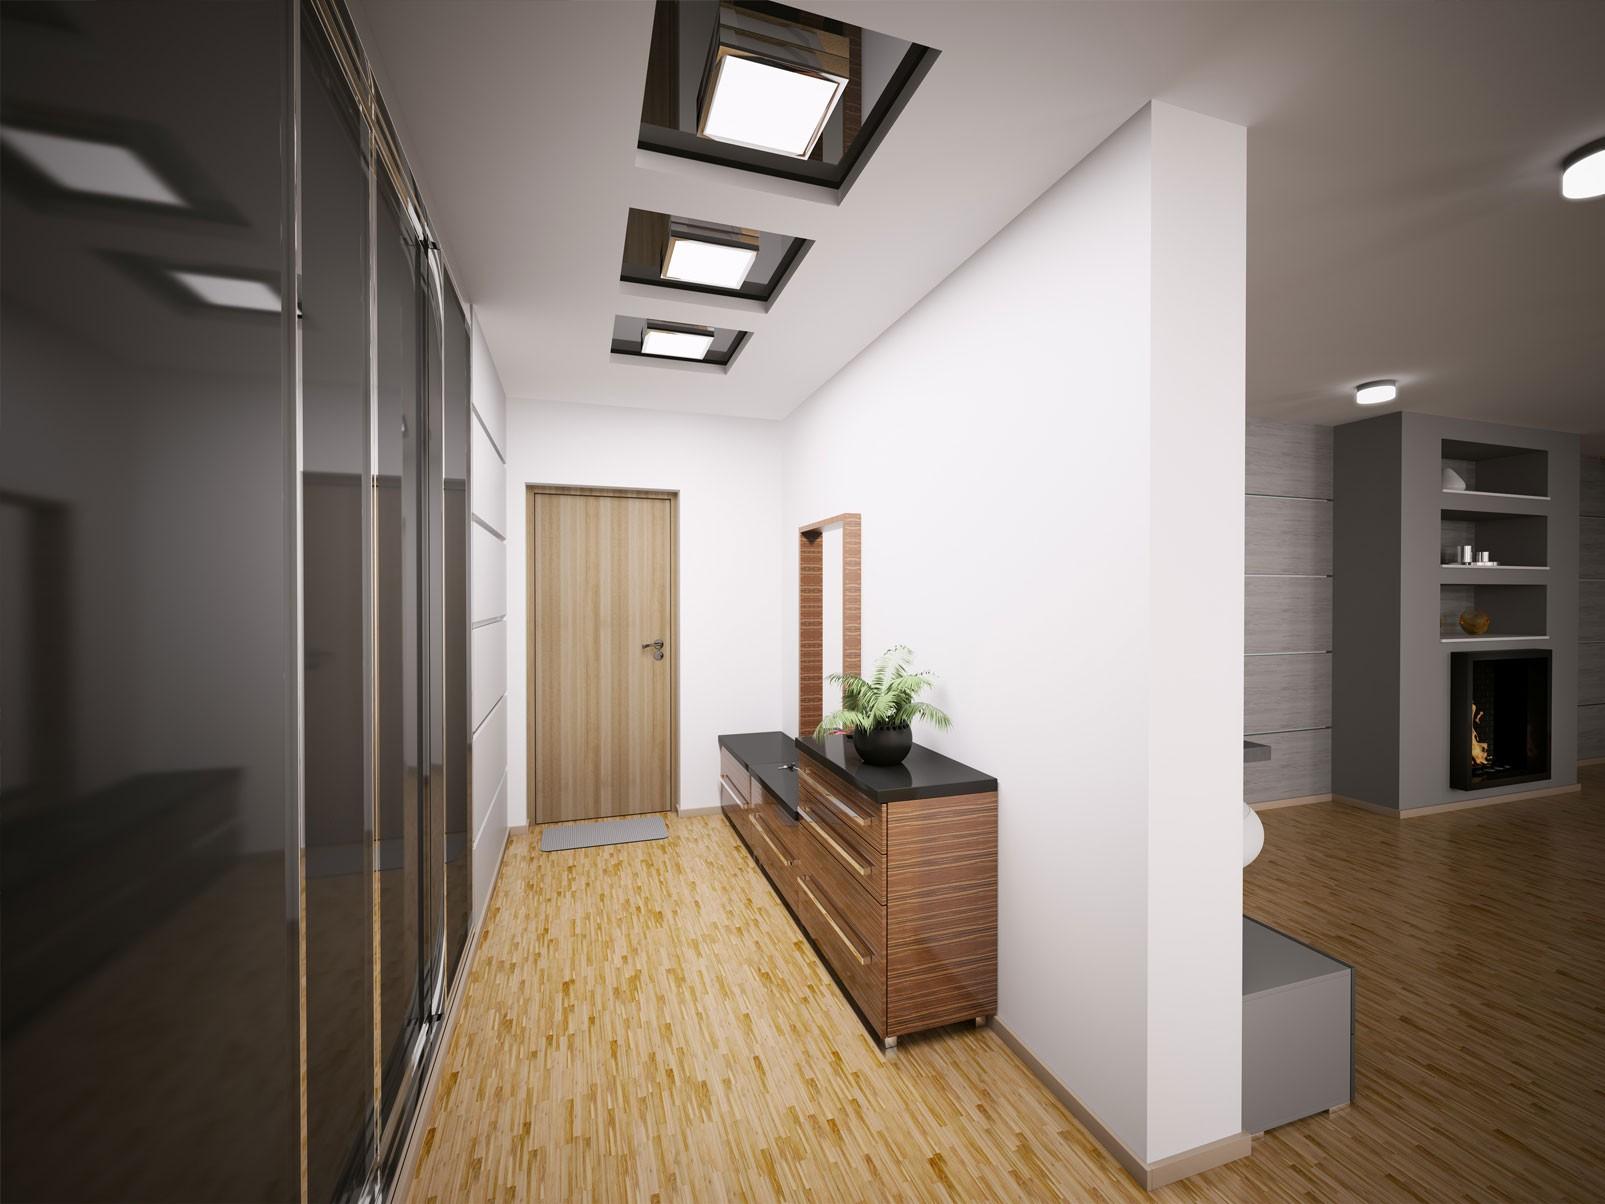 коридор с потолком из гипсокартона